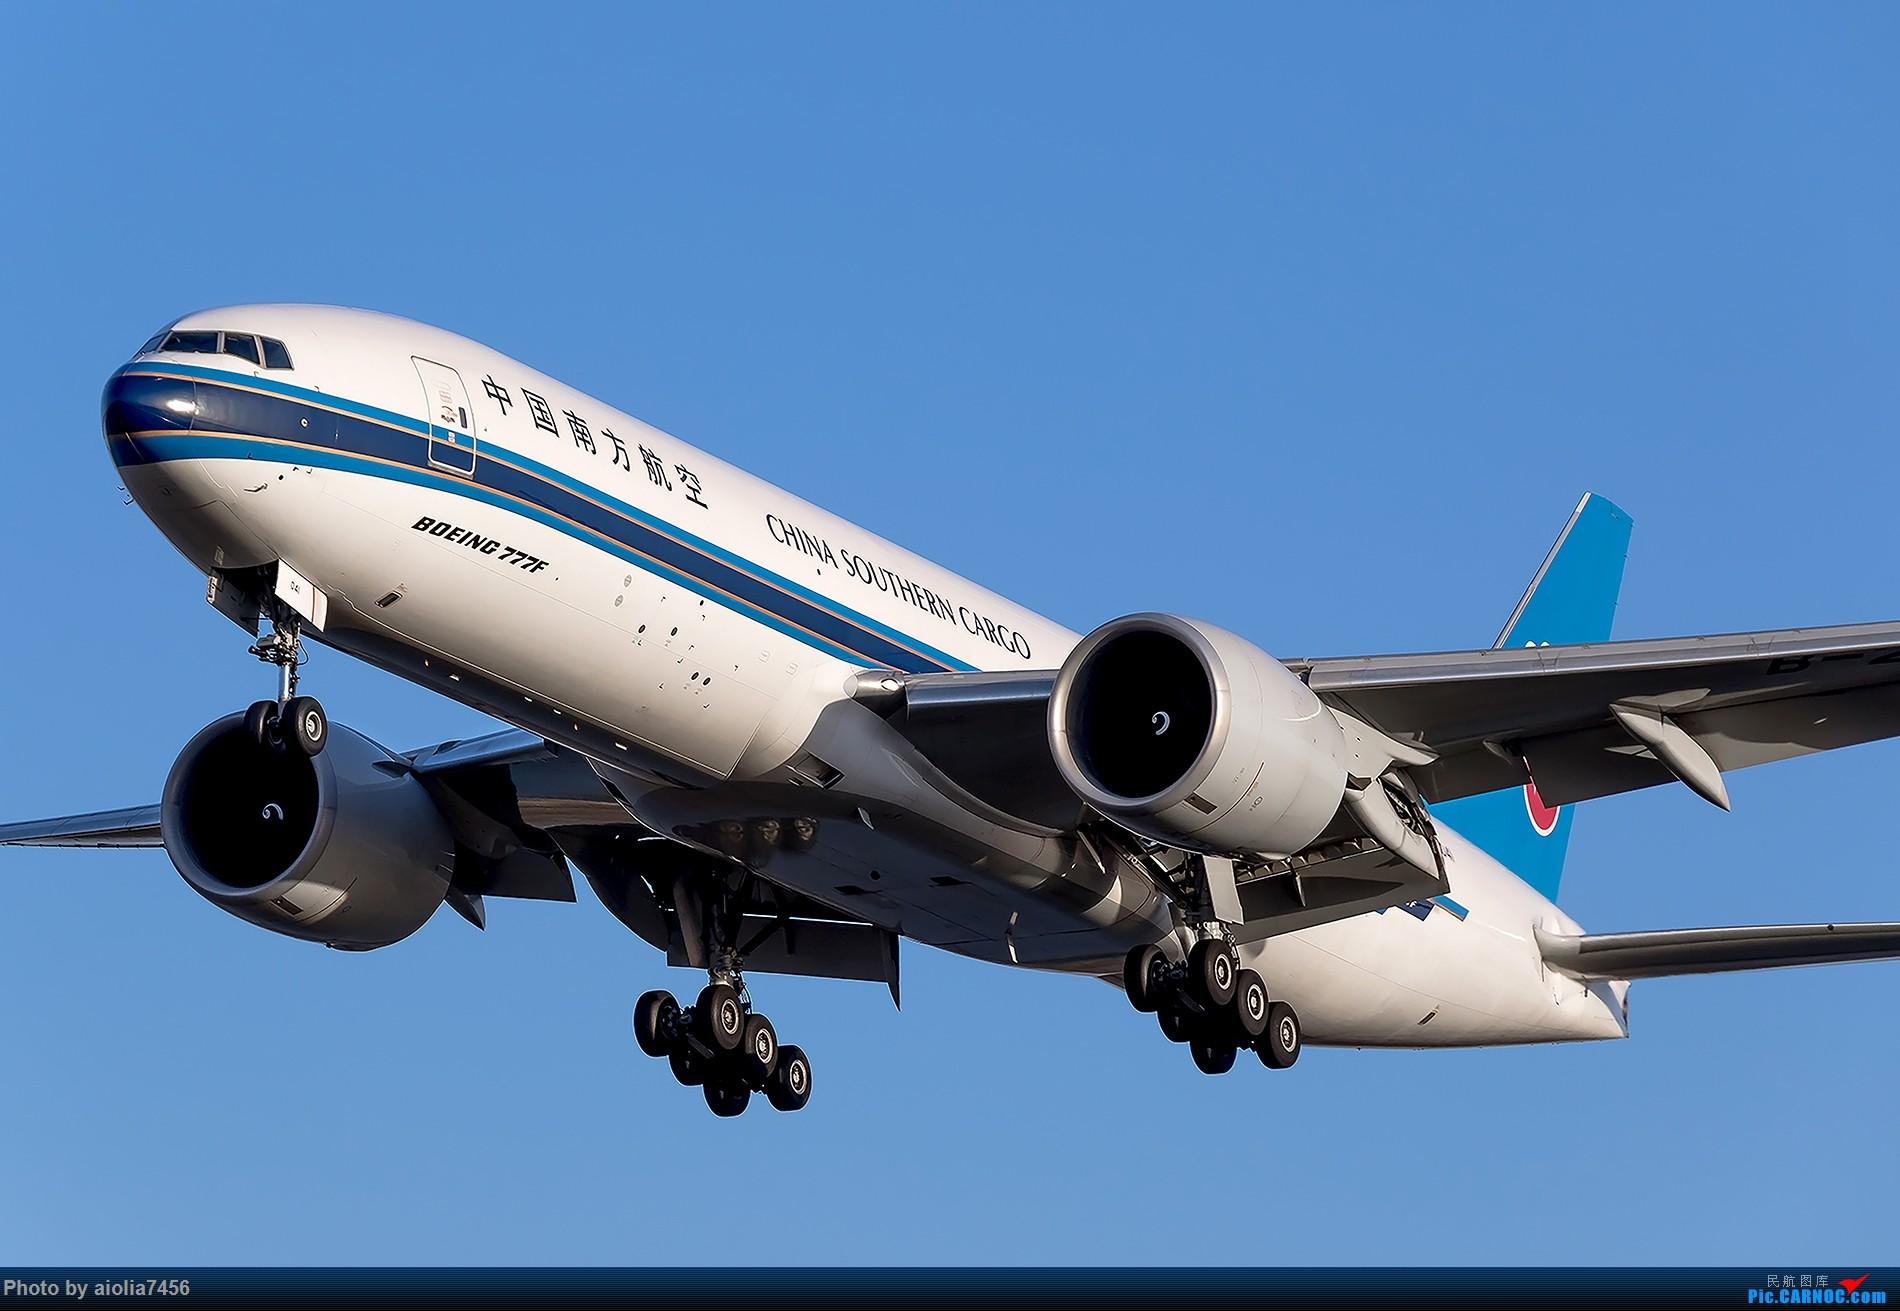 [原创][霸都打鸡队]秋过长空碧如洗,谁道我桥无蓝天? BOEING 777-200 B-2041 中国合肥新桥国际机场